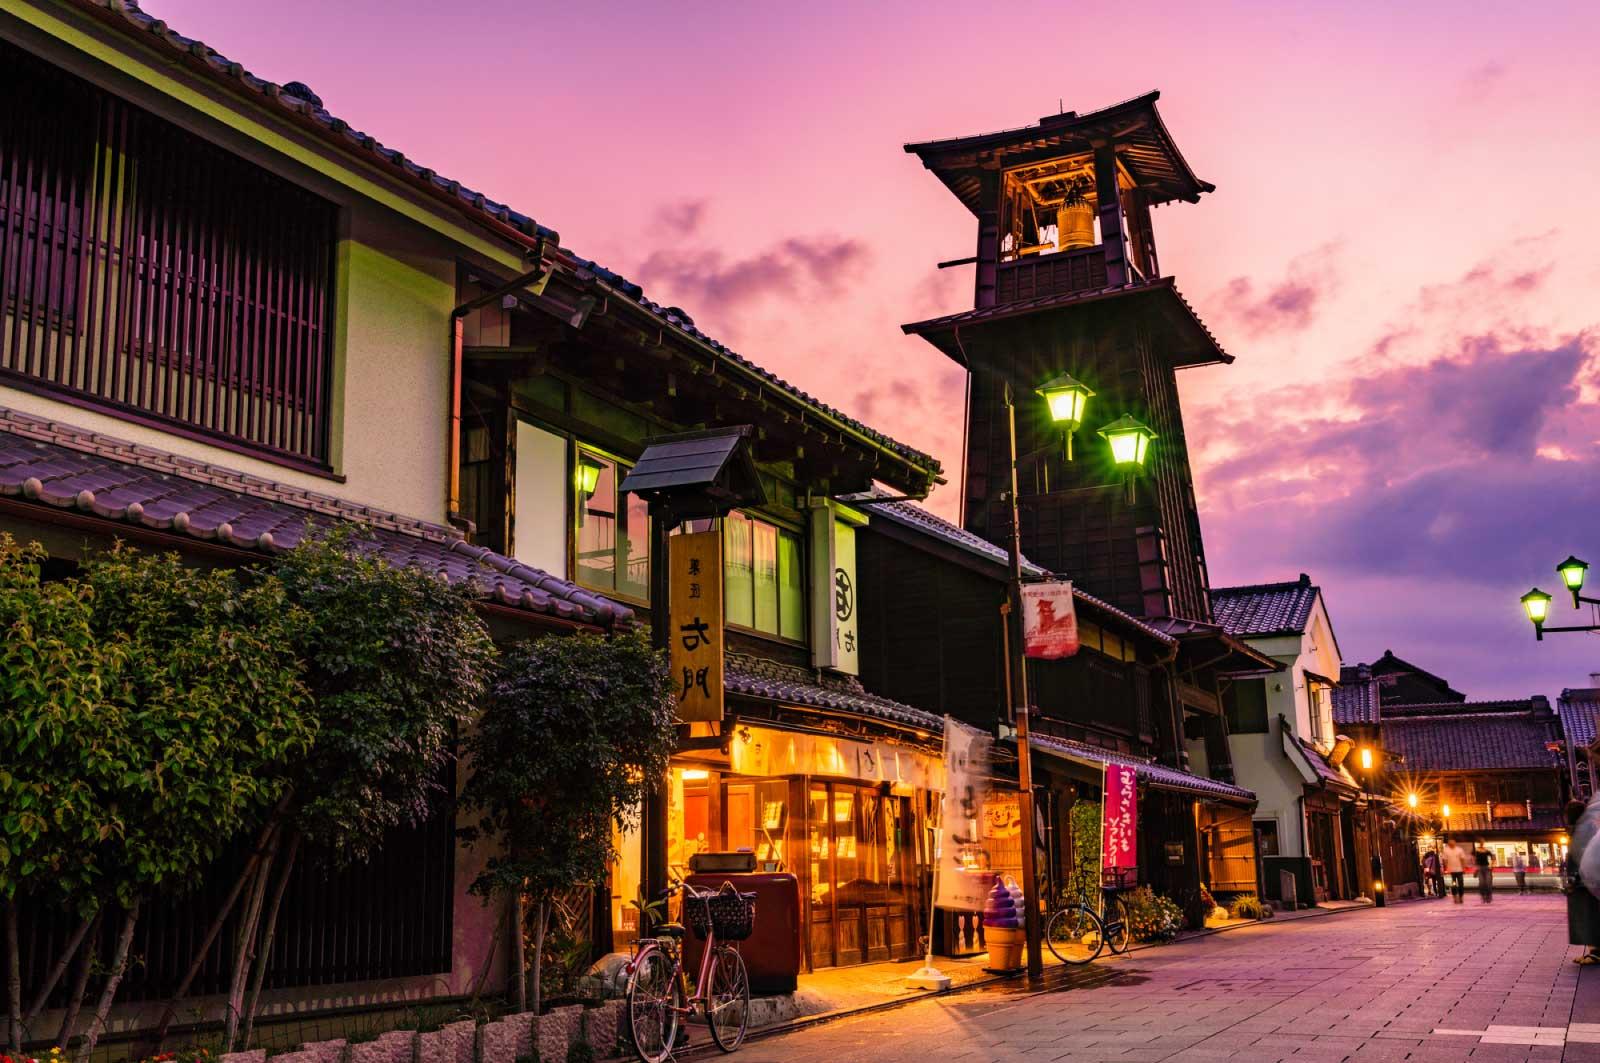 川越といえば、かつては小江戸と呼ばれ栄えた町